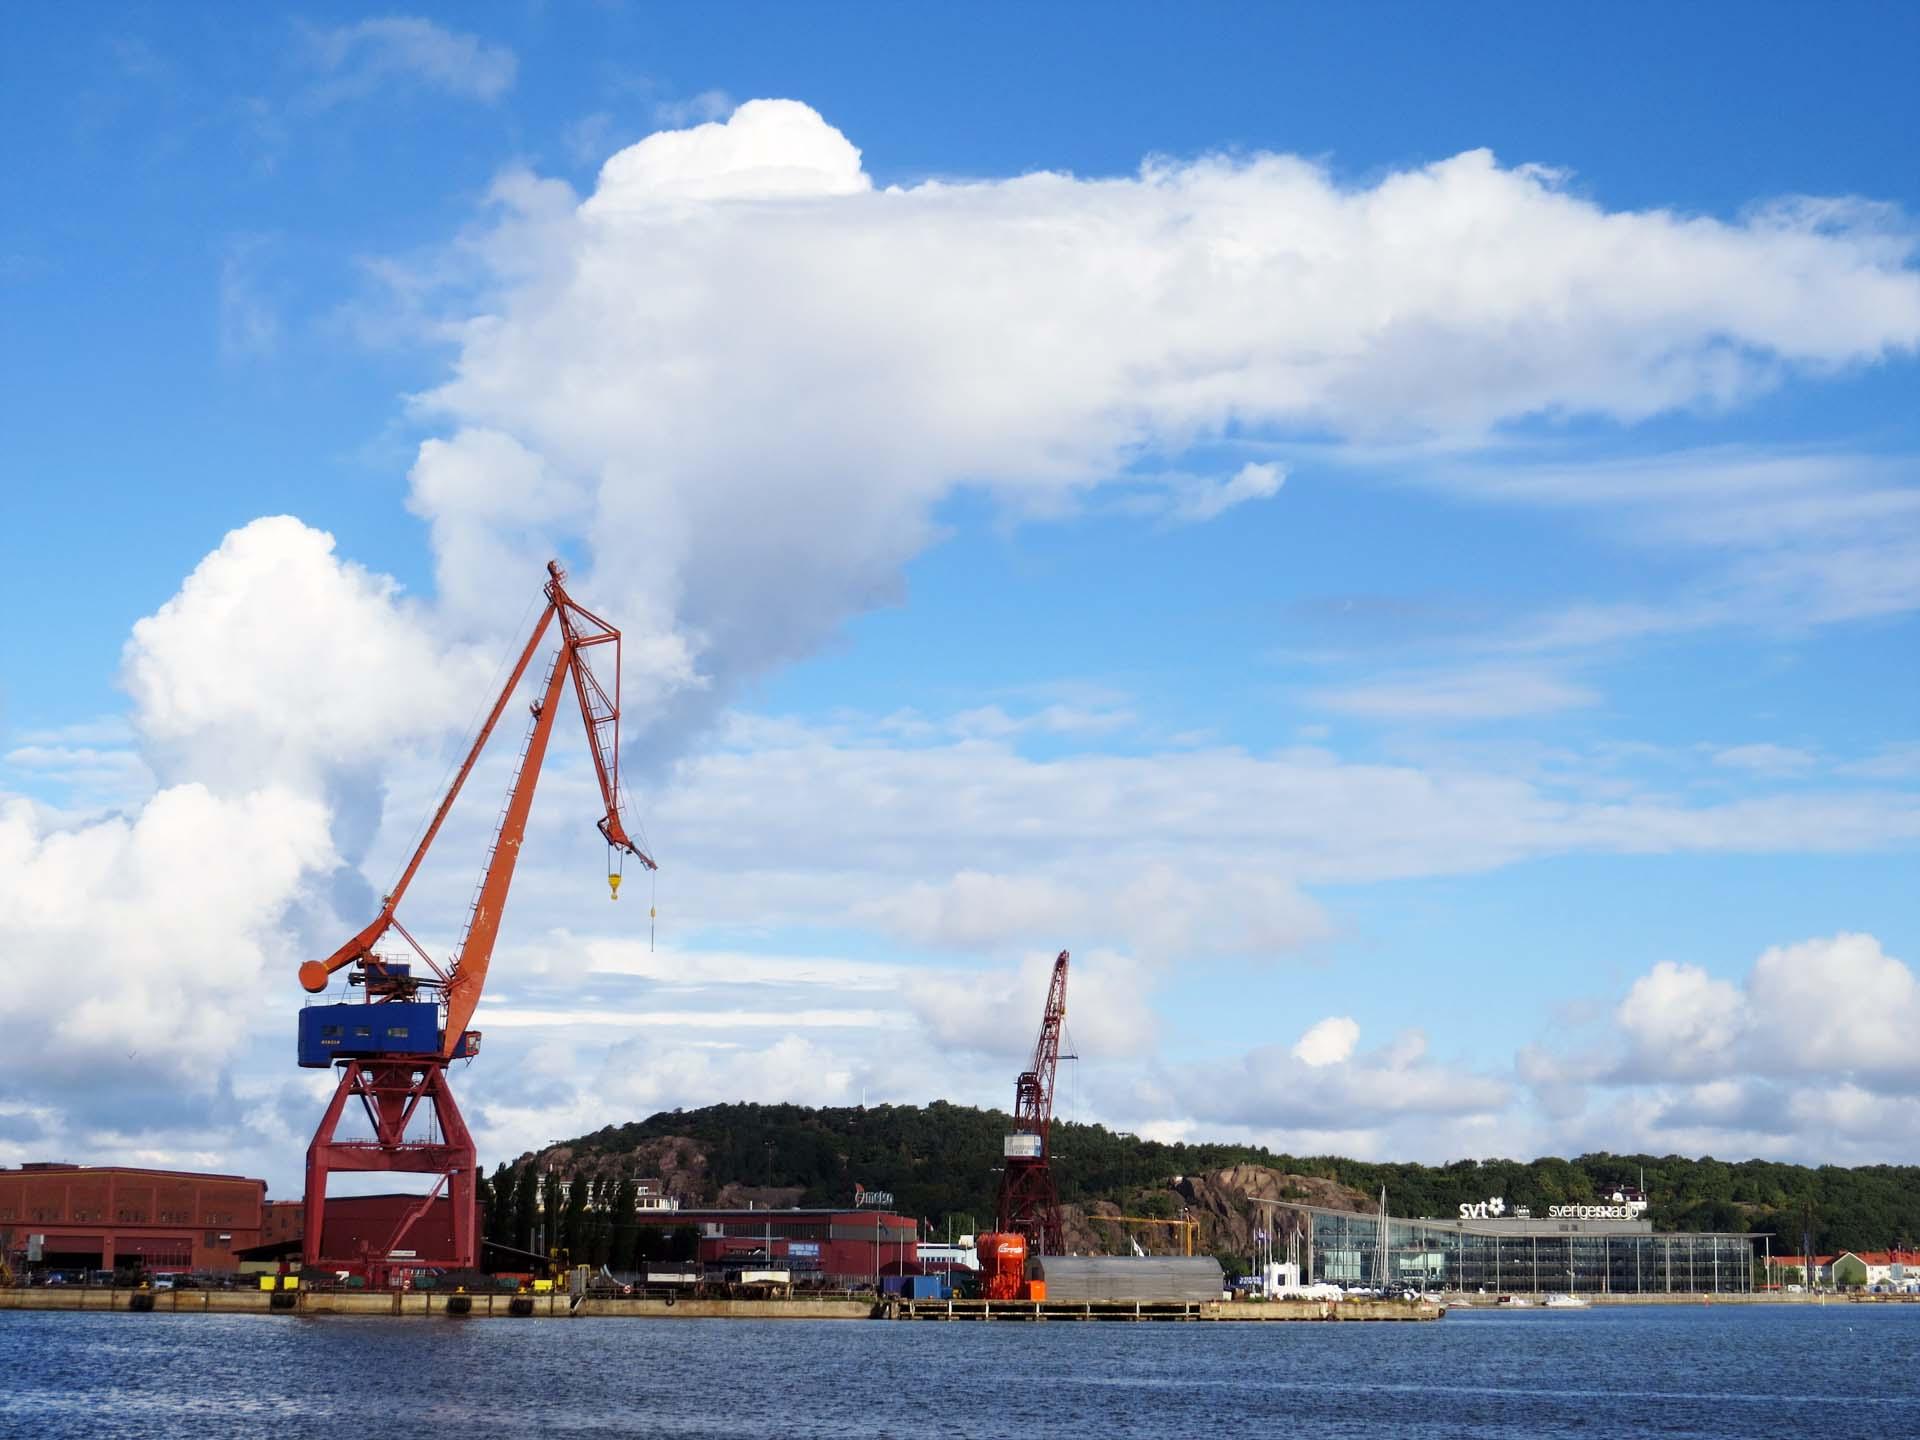 Dockside cranes 2